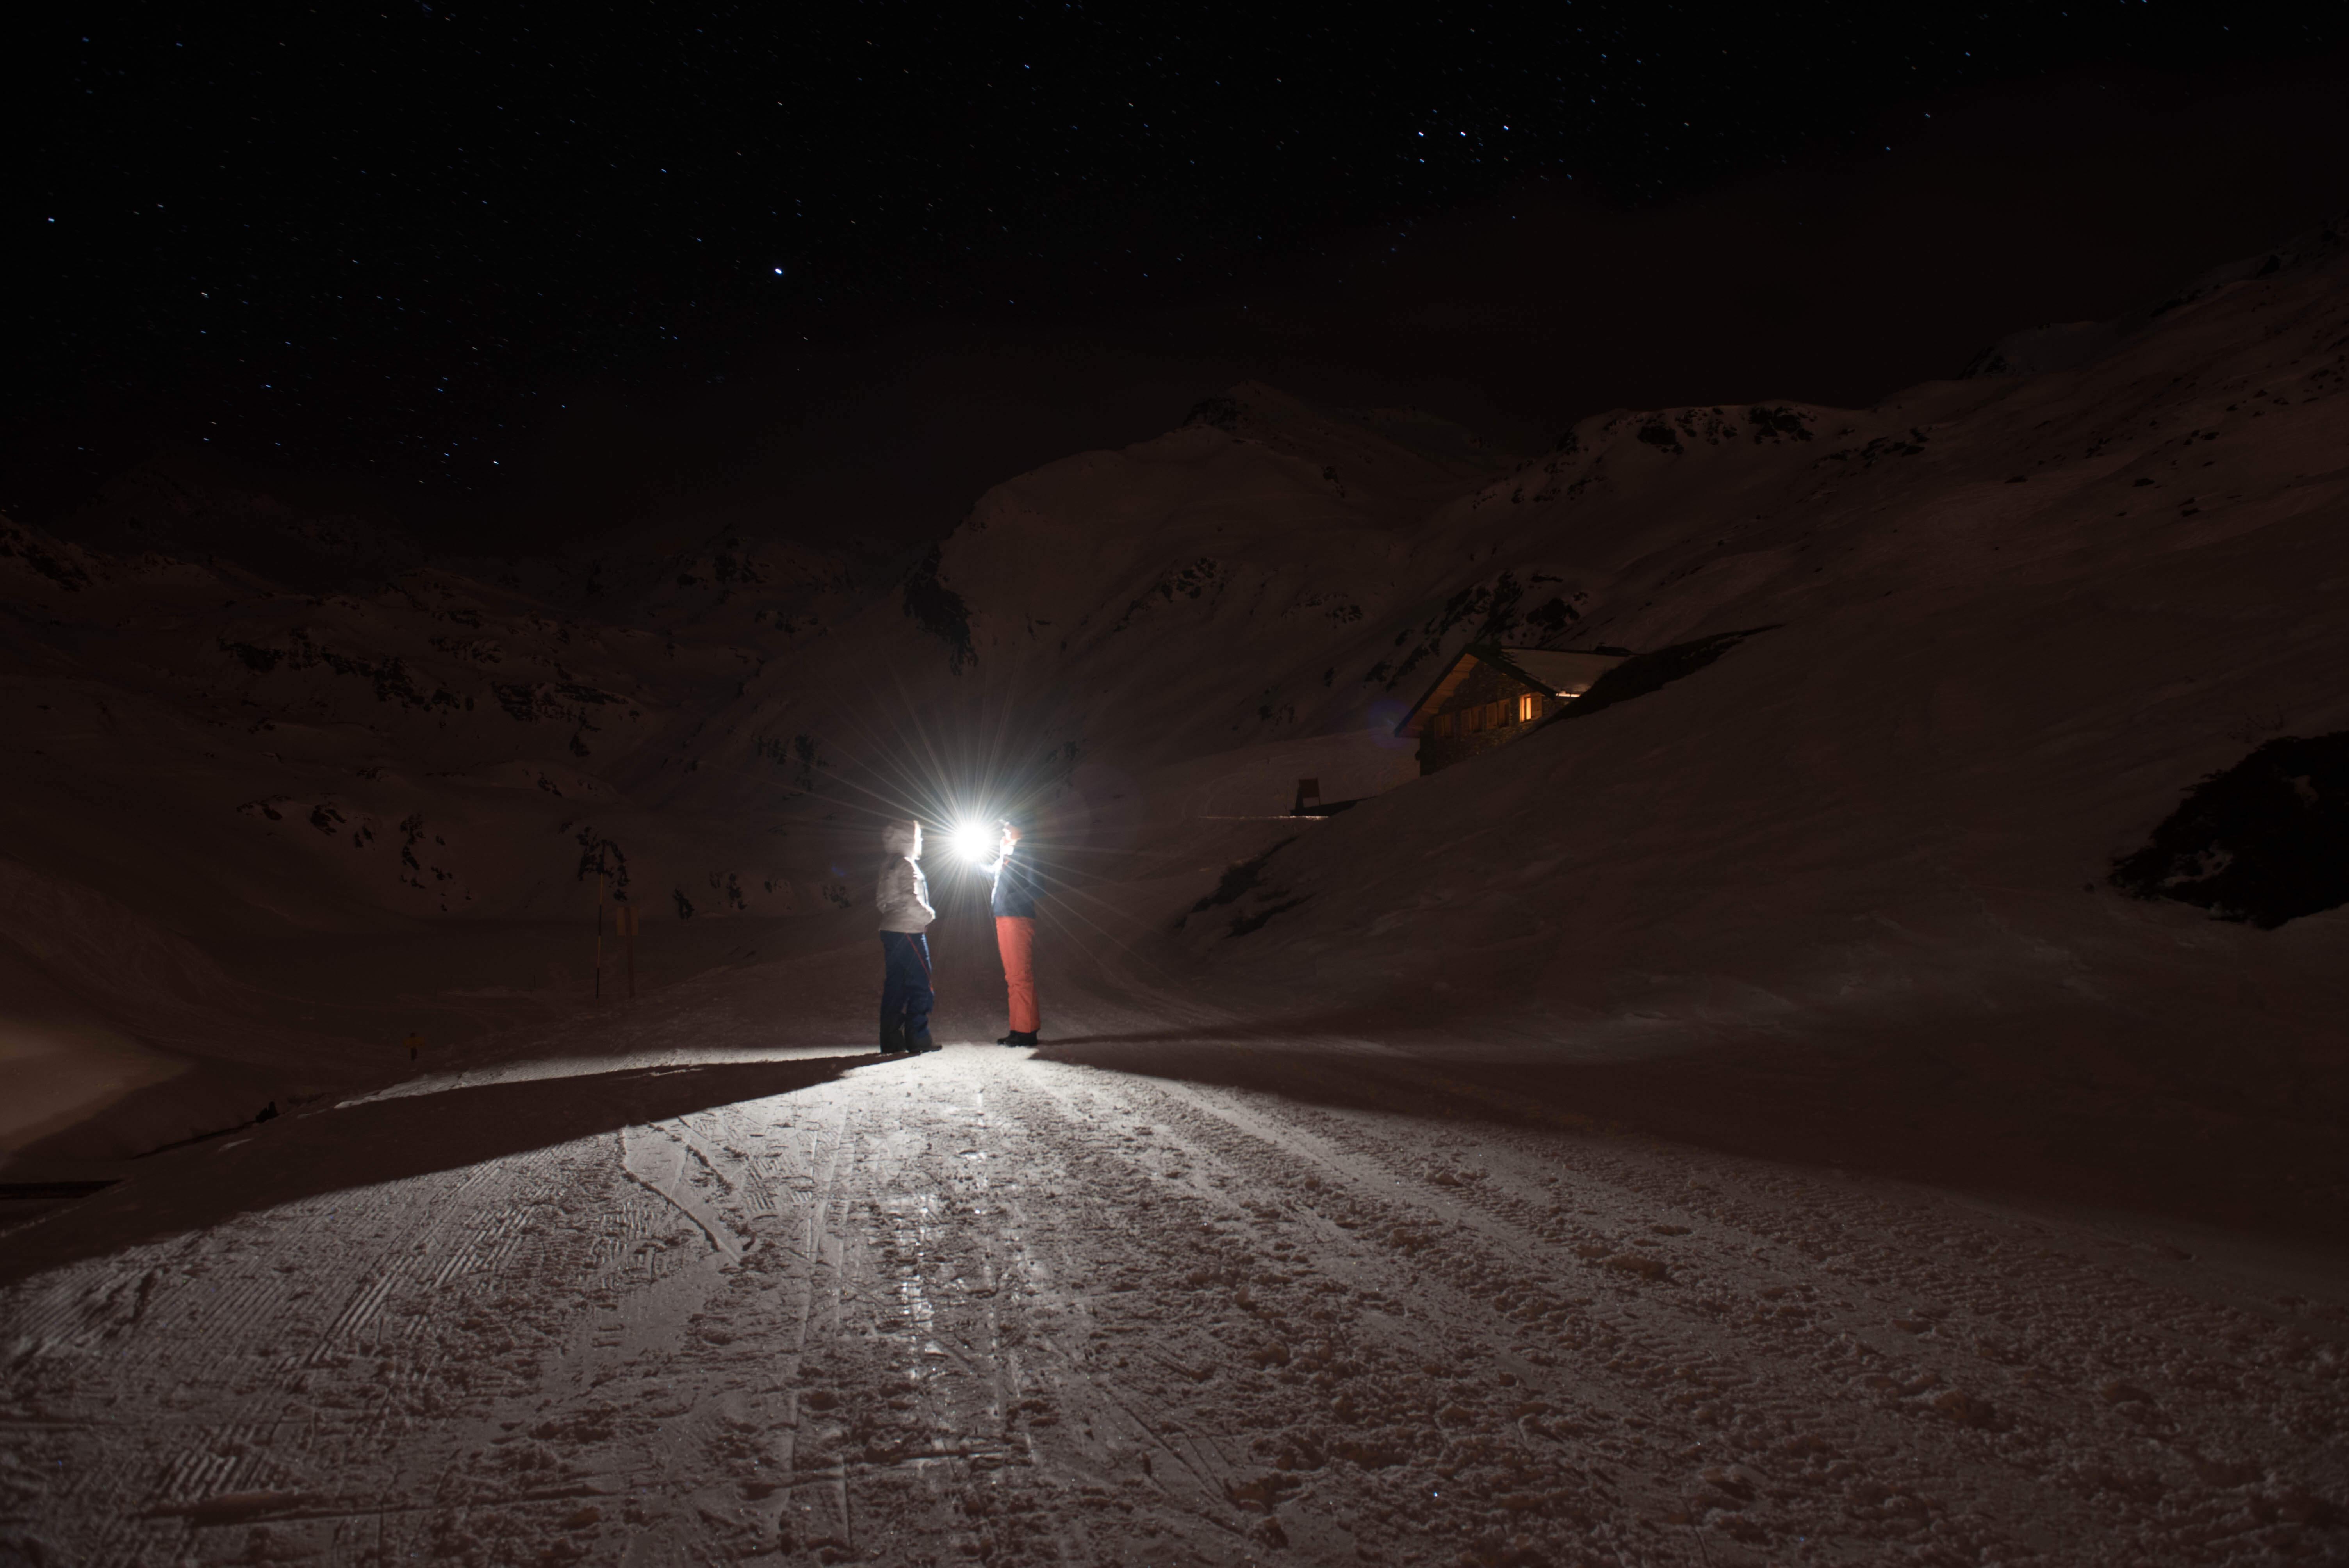 Sterren kijken & overnachting in berghut